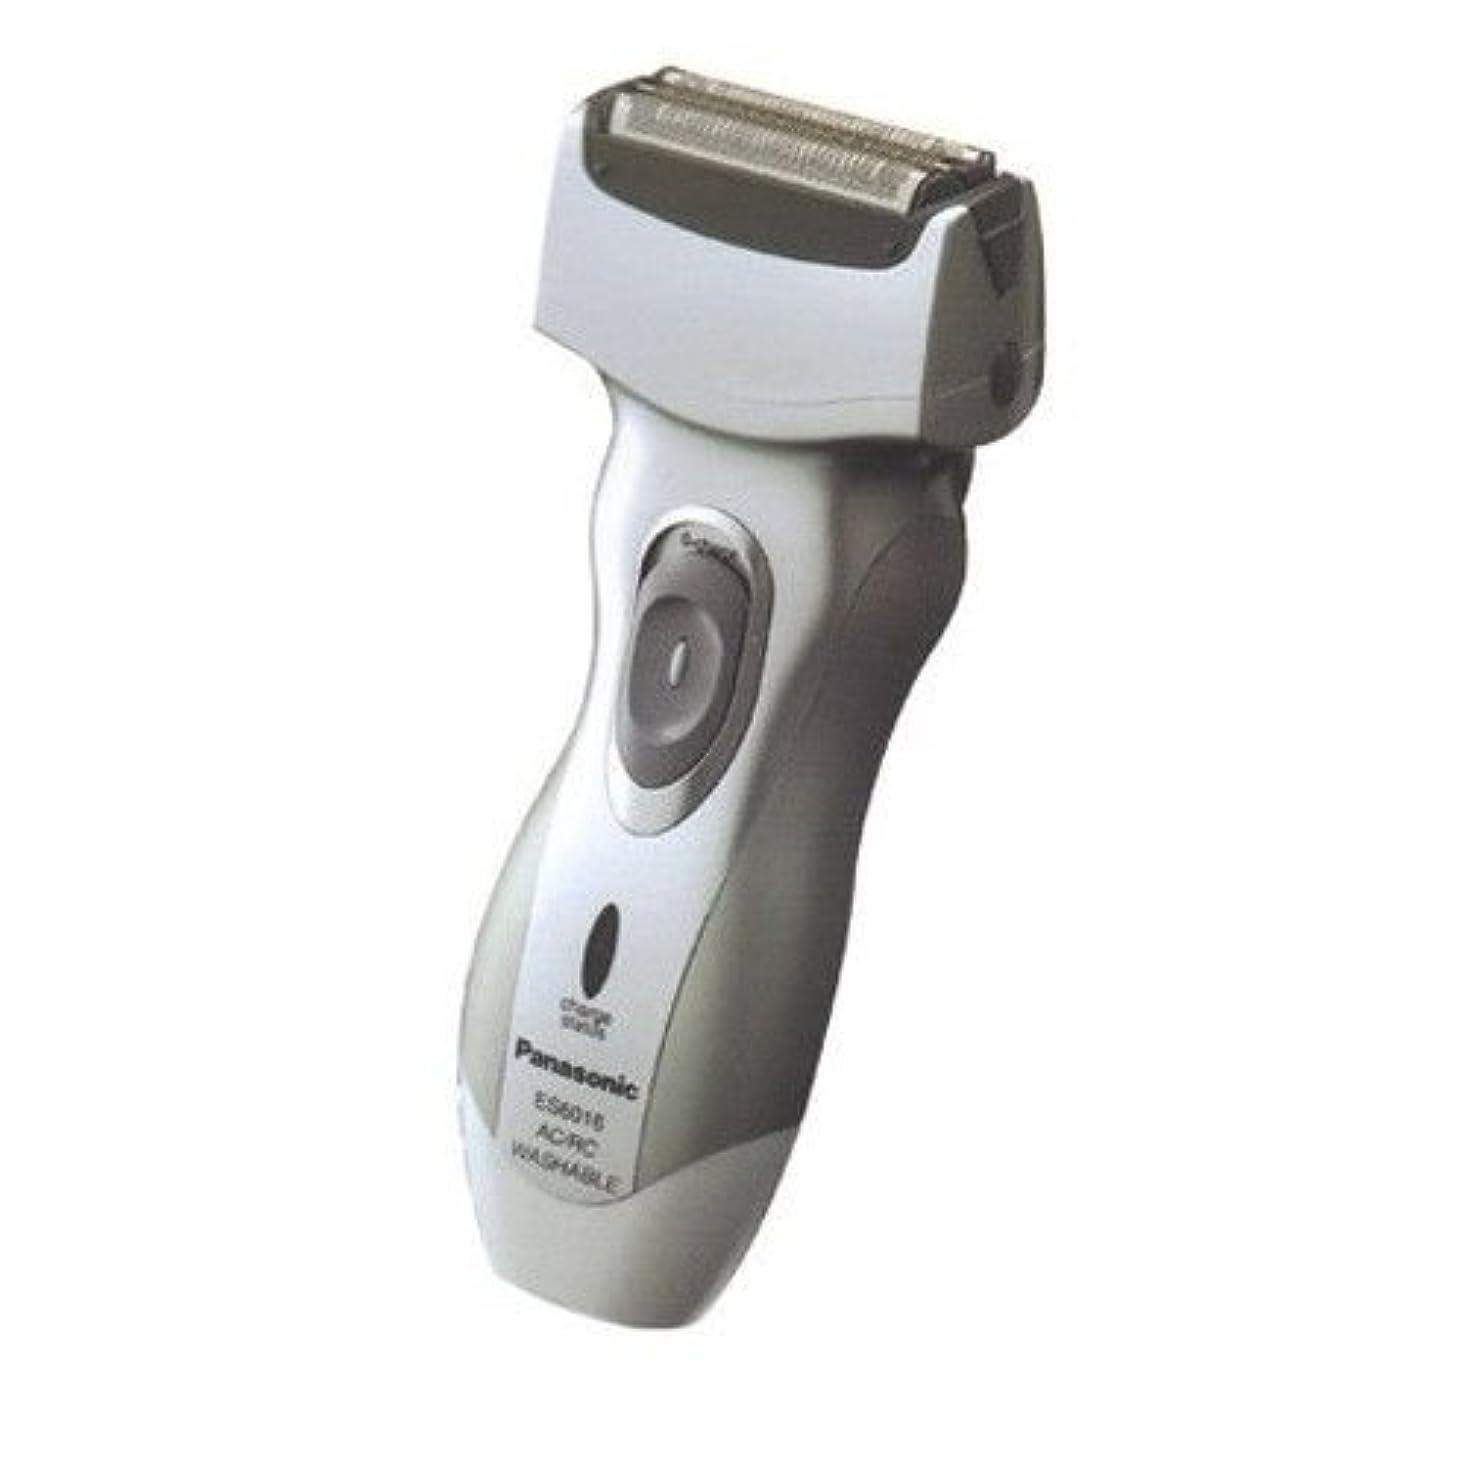 絶滅させるアグネスグレイ余暇Panasonic ES6016 電気シェーバーかみそり男性トリマークリッパー ES-6016 と [並行輸入品]